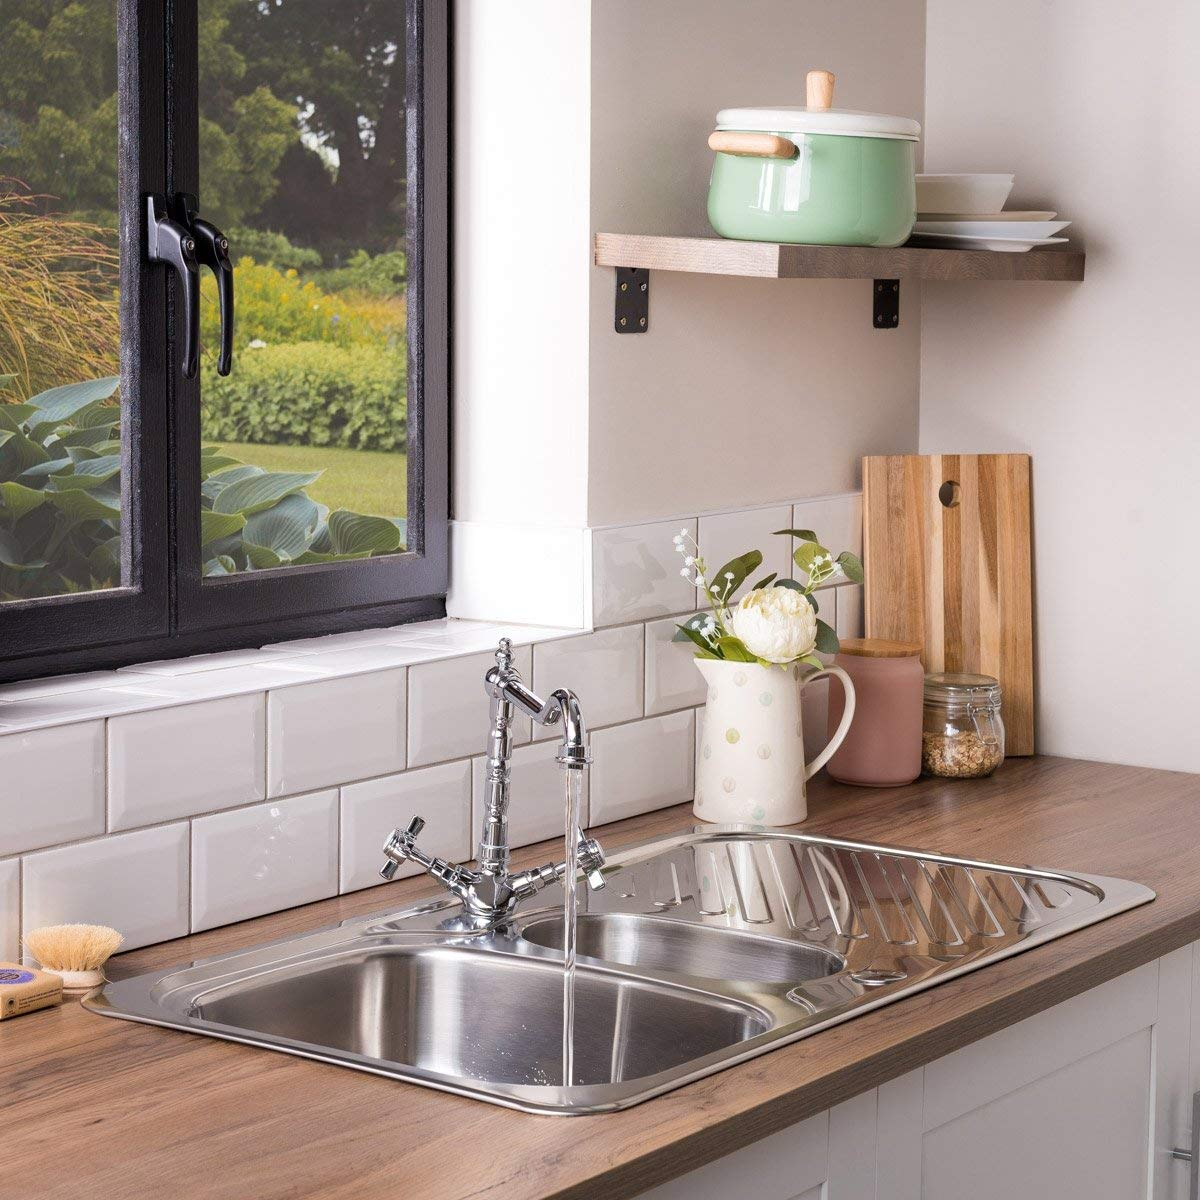 965 X 500 Kitchen Sink